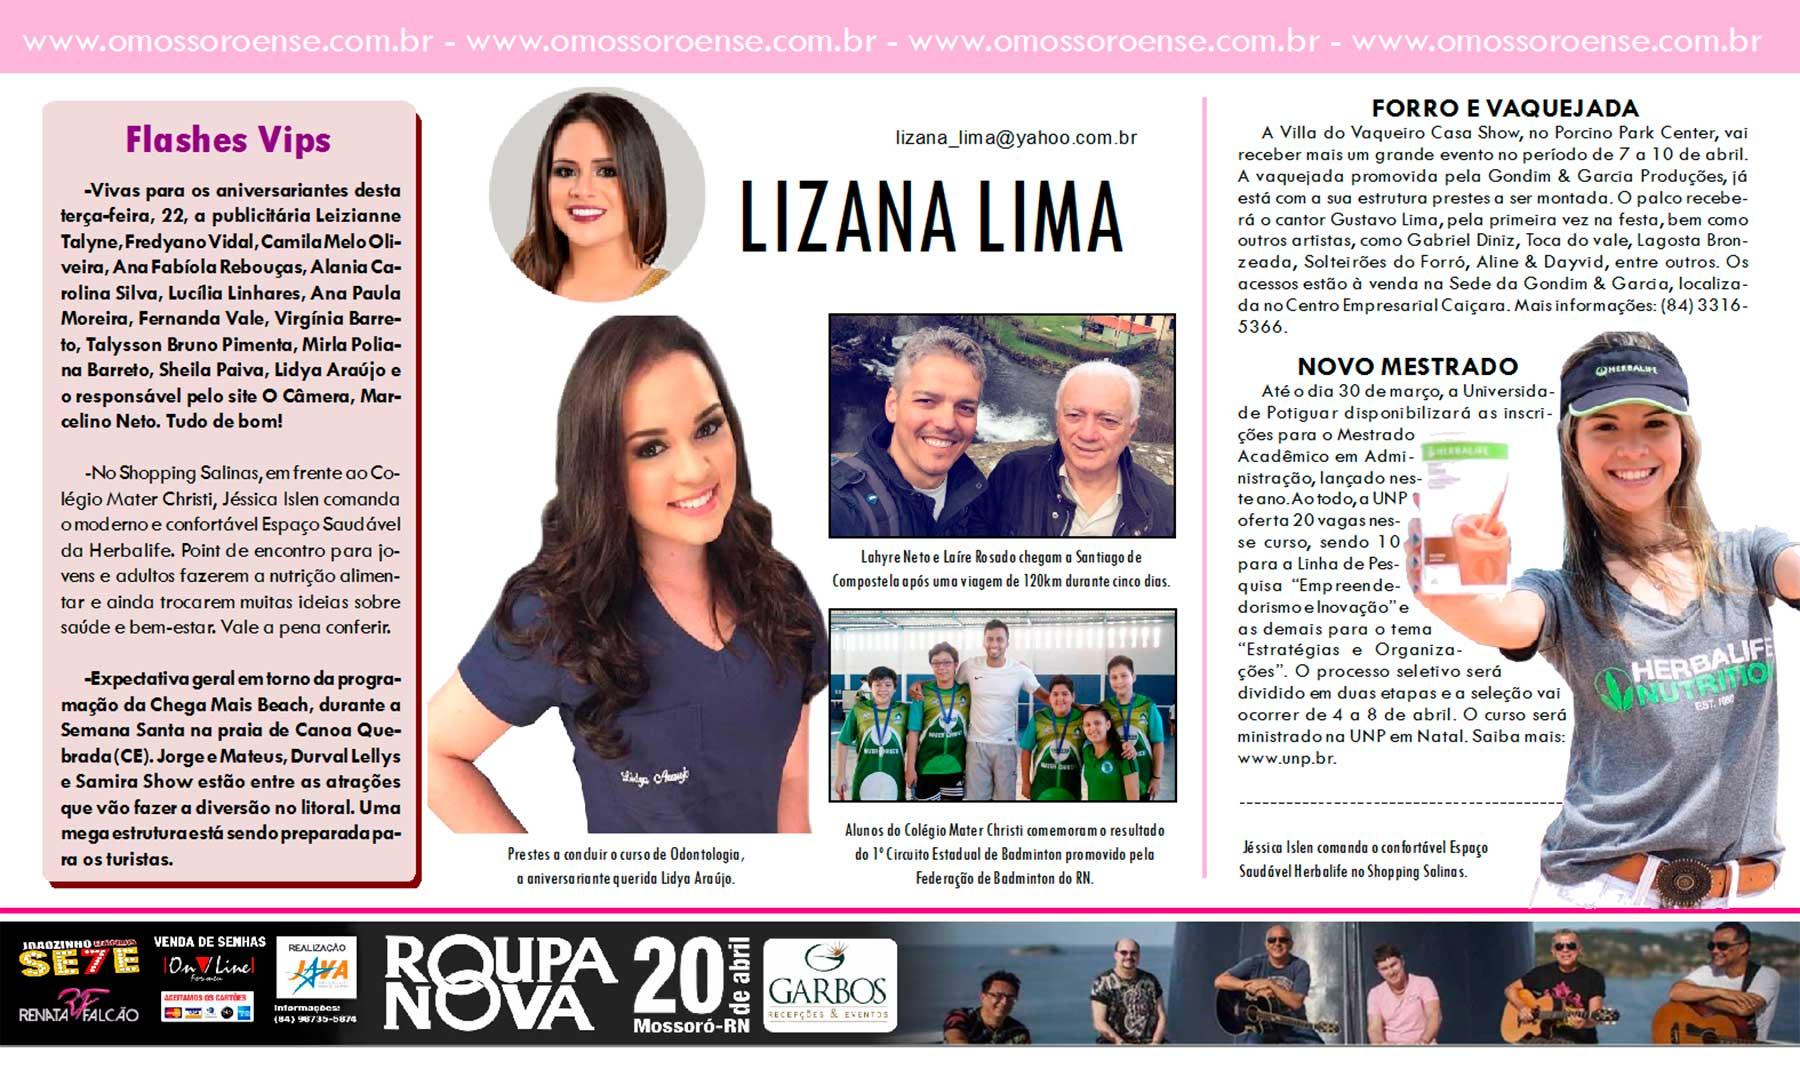 LIZANA-LIMA---22-03-16